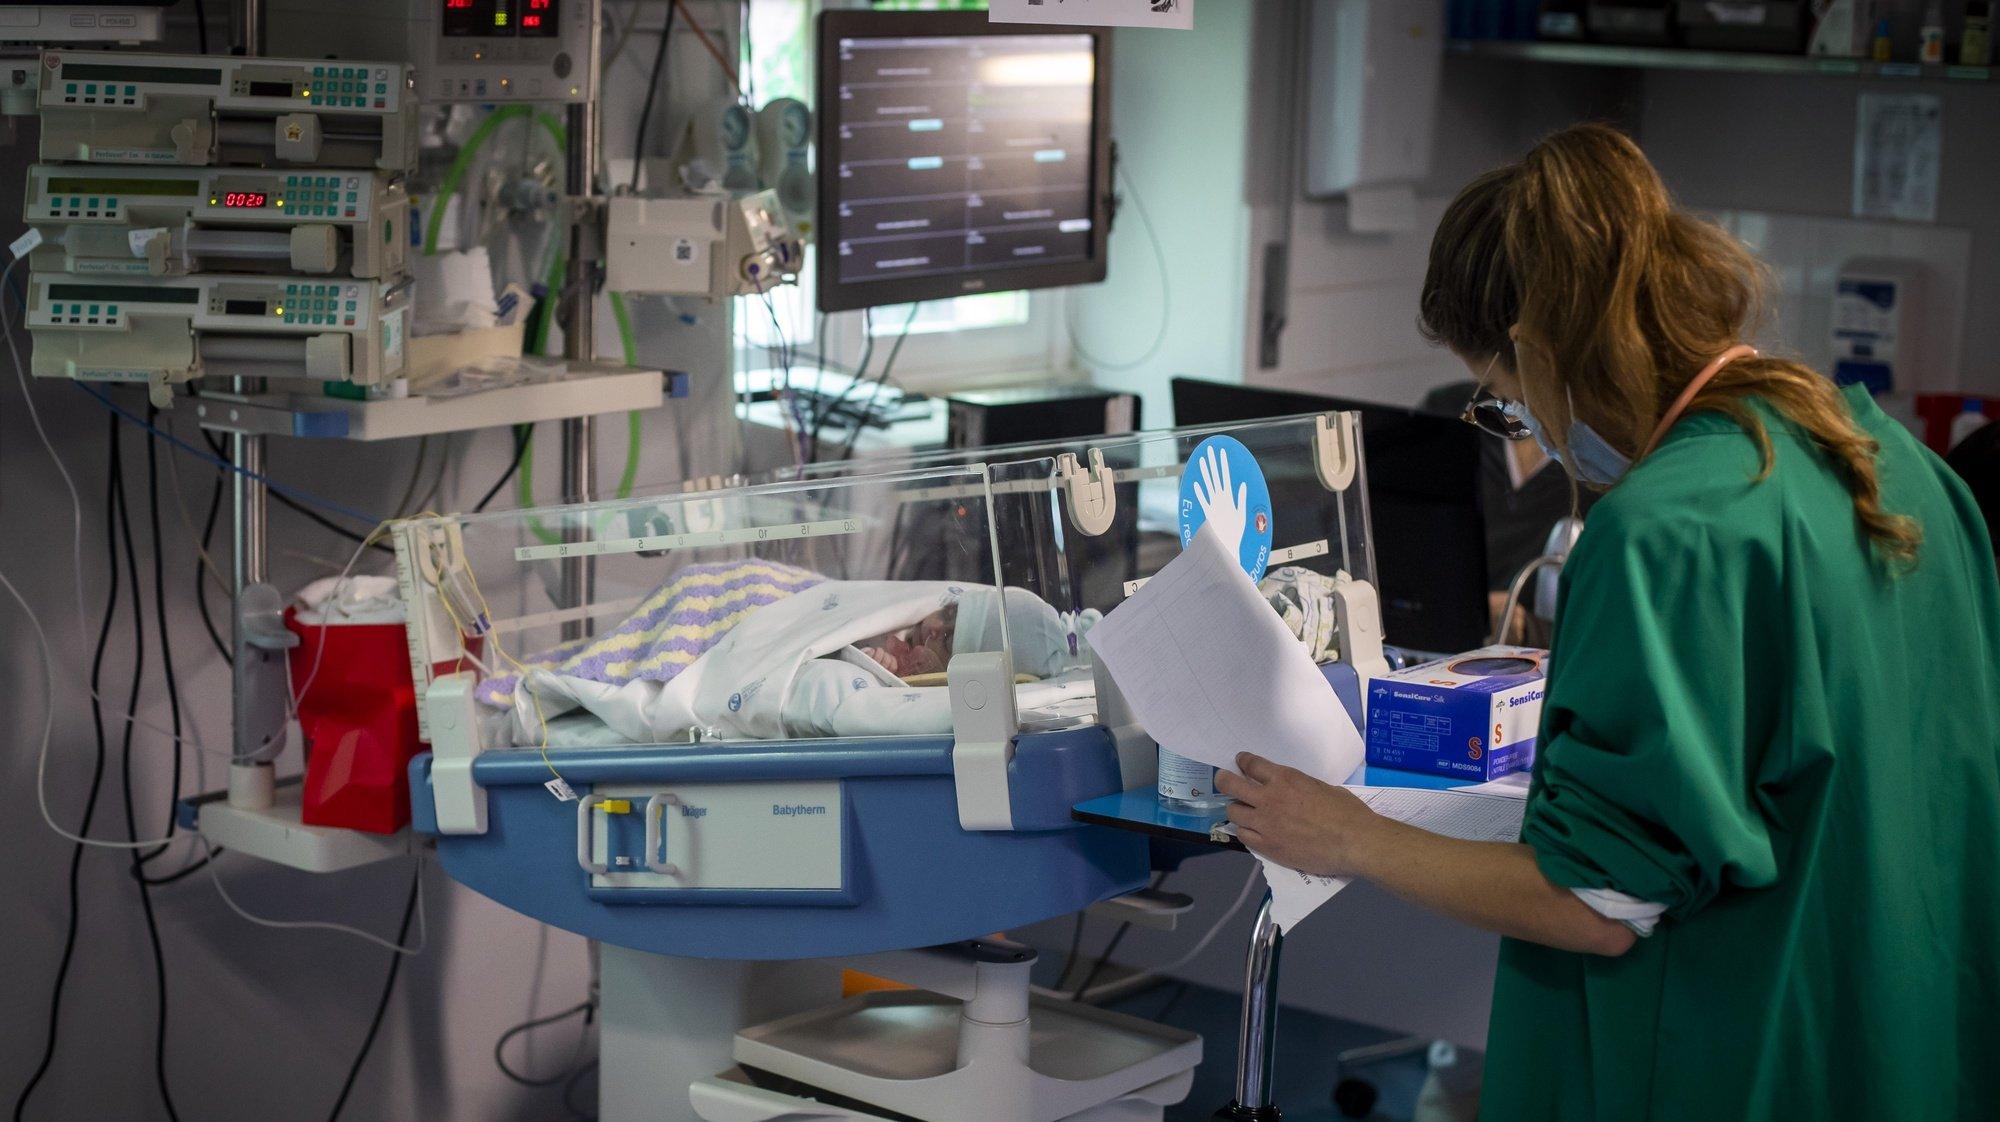 Uma profissional de saúde presta cuidados a um bebé internado no serviço de Cardiologia Pediátrica do Hospital de Santa Marta, no âmbito de uma reportagem sobre sequelas da covid-19 em crianças e adultos na unidade hospitalar, em Lisboa, 10 de fevereiro de 2021. (ACOMPANHA TEXTO DA LUSA DO DIA 13 DE FEVEREIRO DE 2021). JOSÉ SENA GOULÃO/LUSA